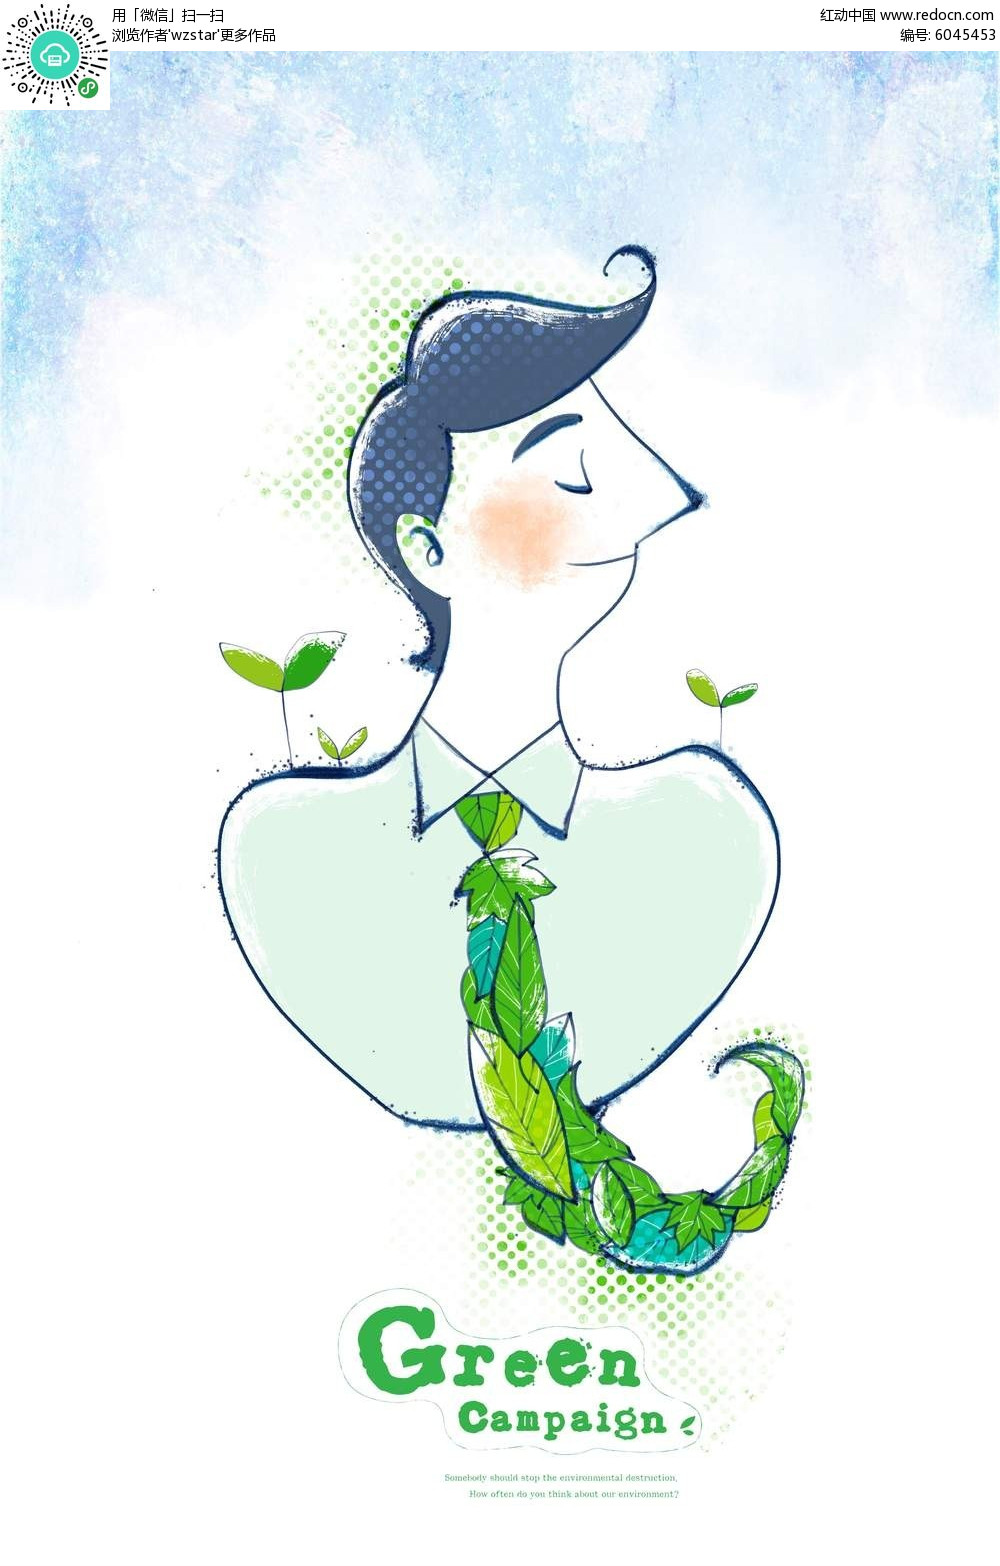 绿色领结手绘公益海报设计psd免费下载_其他素材